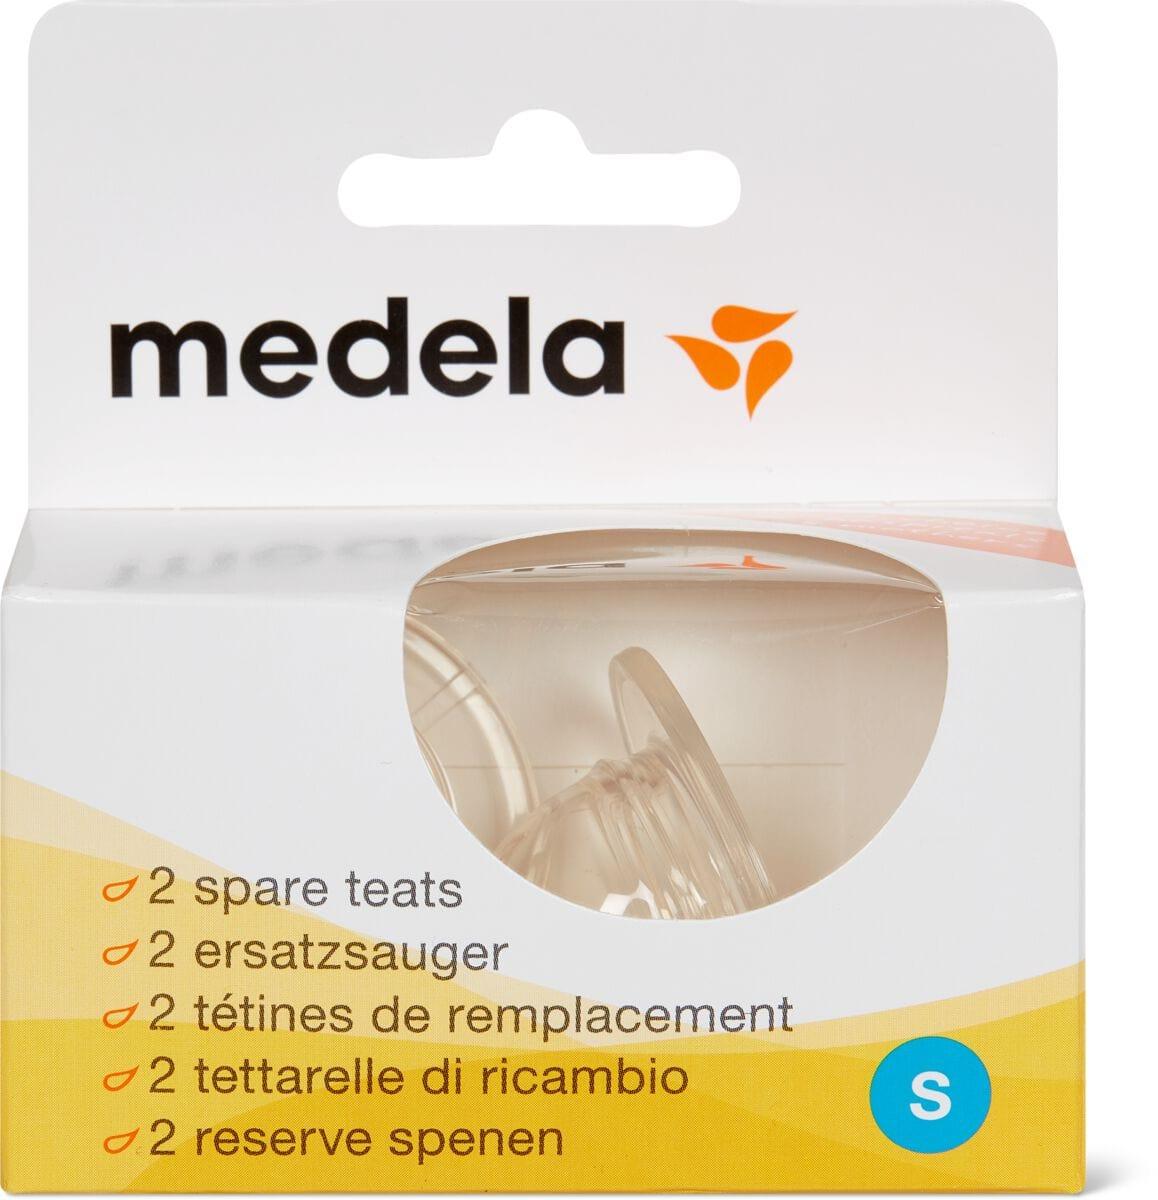 Medela Medela Ersatzsauger 0-3 Monate